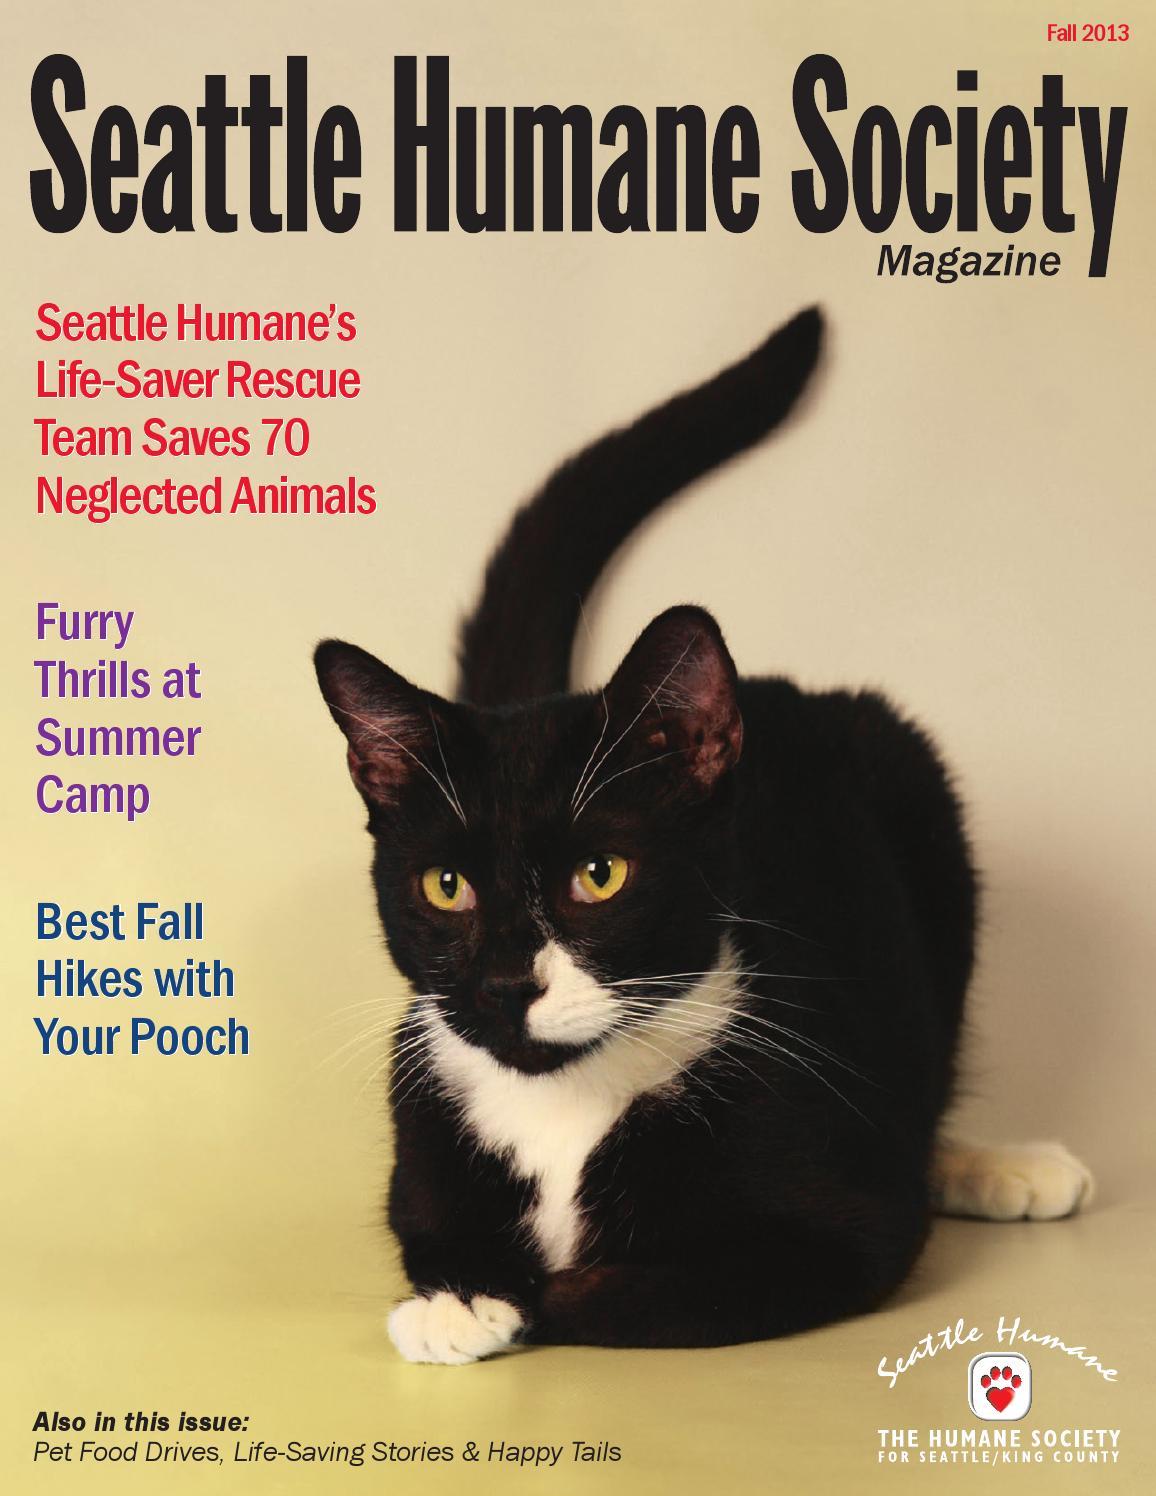 Seattle Humane Society Dog Training